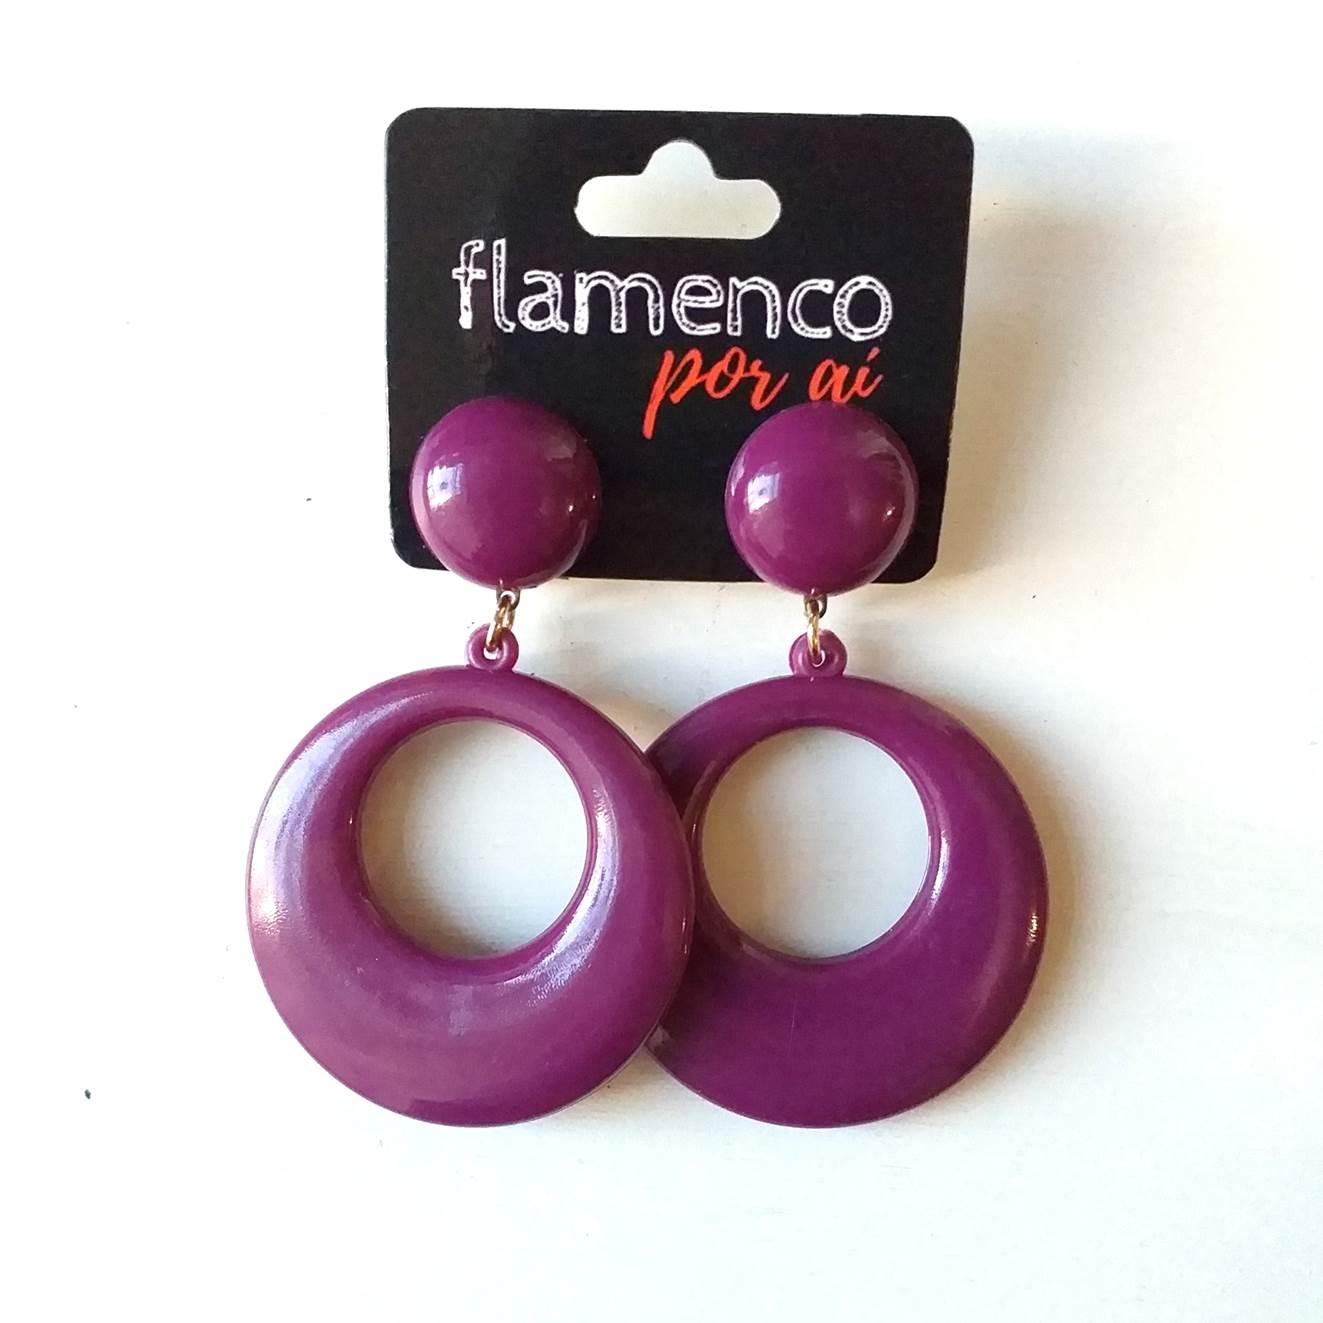 BRINCO espanhol flamenco argola 4,5cm